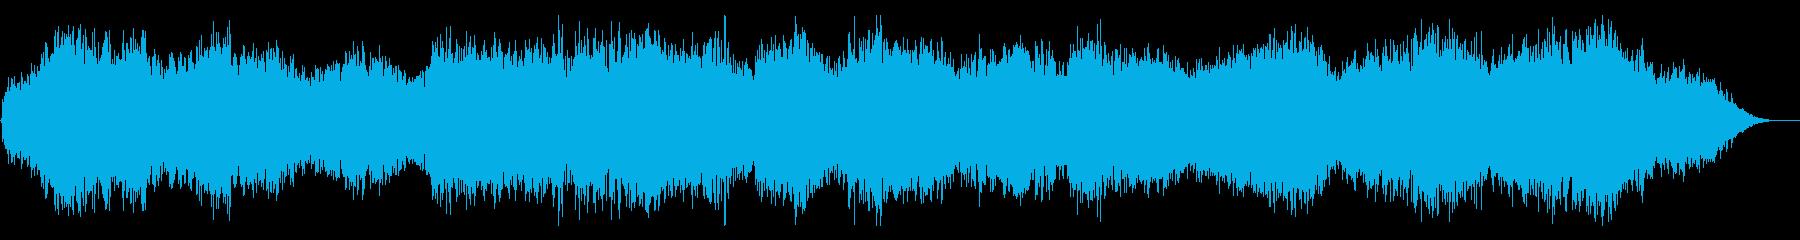 あやしいオバさん❤不思議な歌とハープ❤Aの再生済みの波形